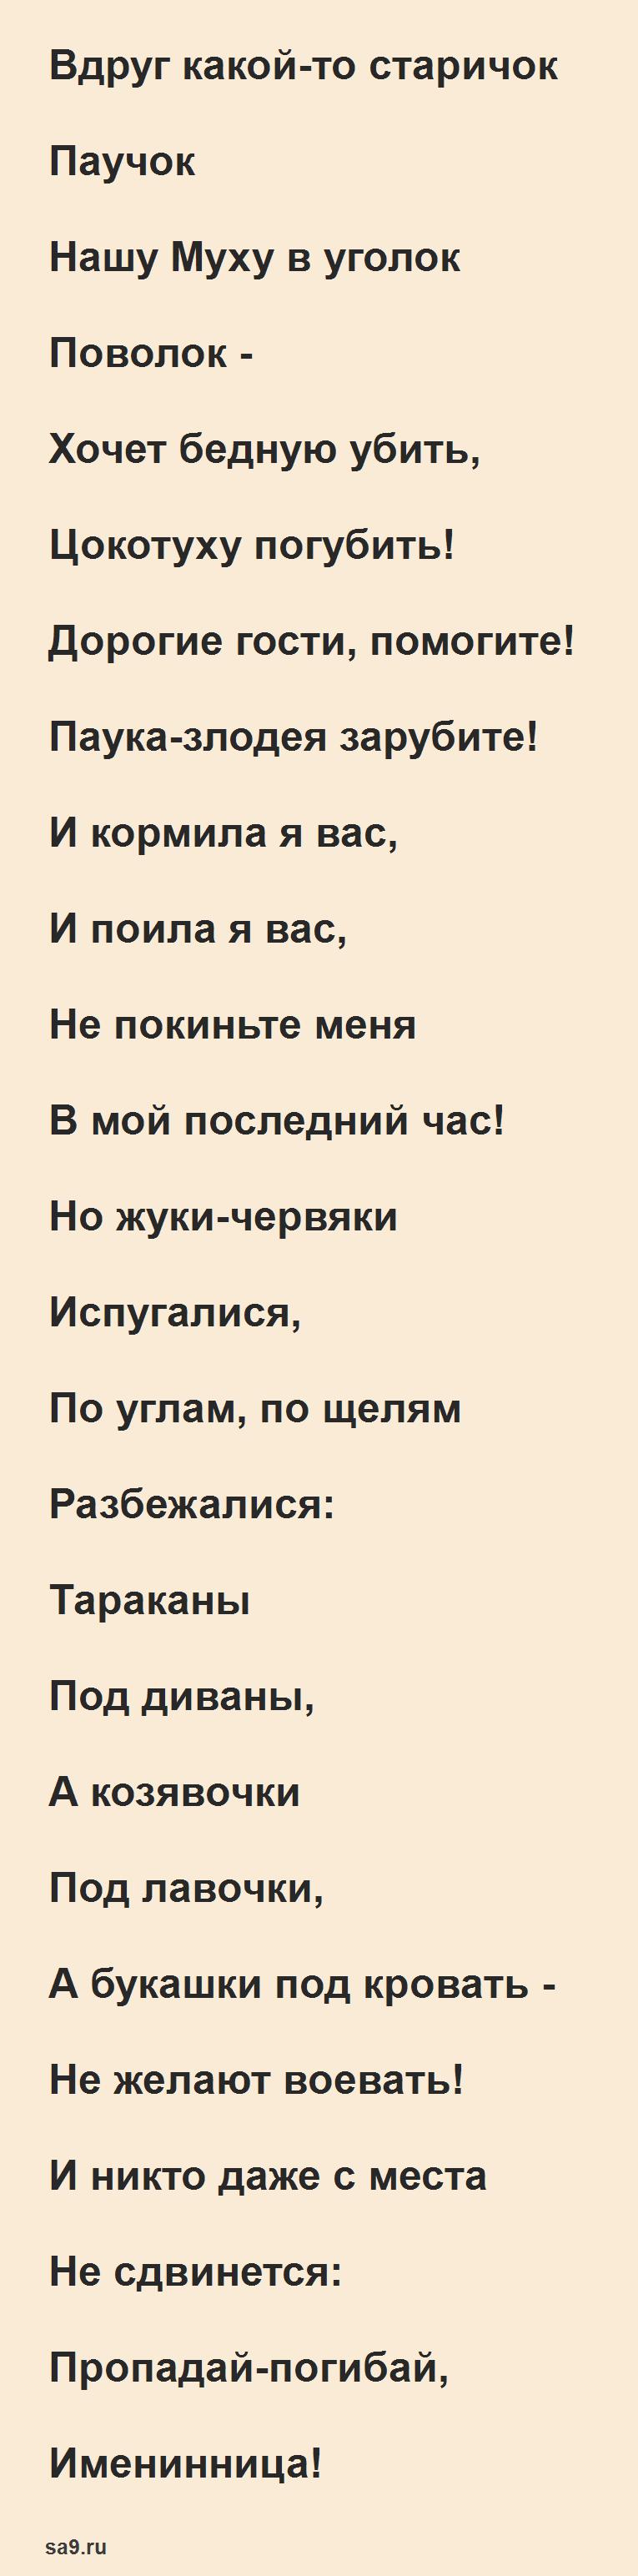 Сказка 'Муха-Цокотуха', читать полностью